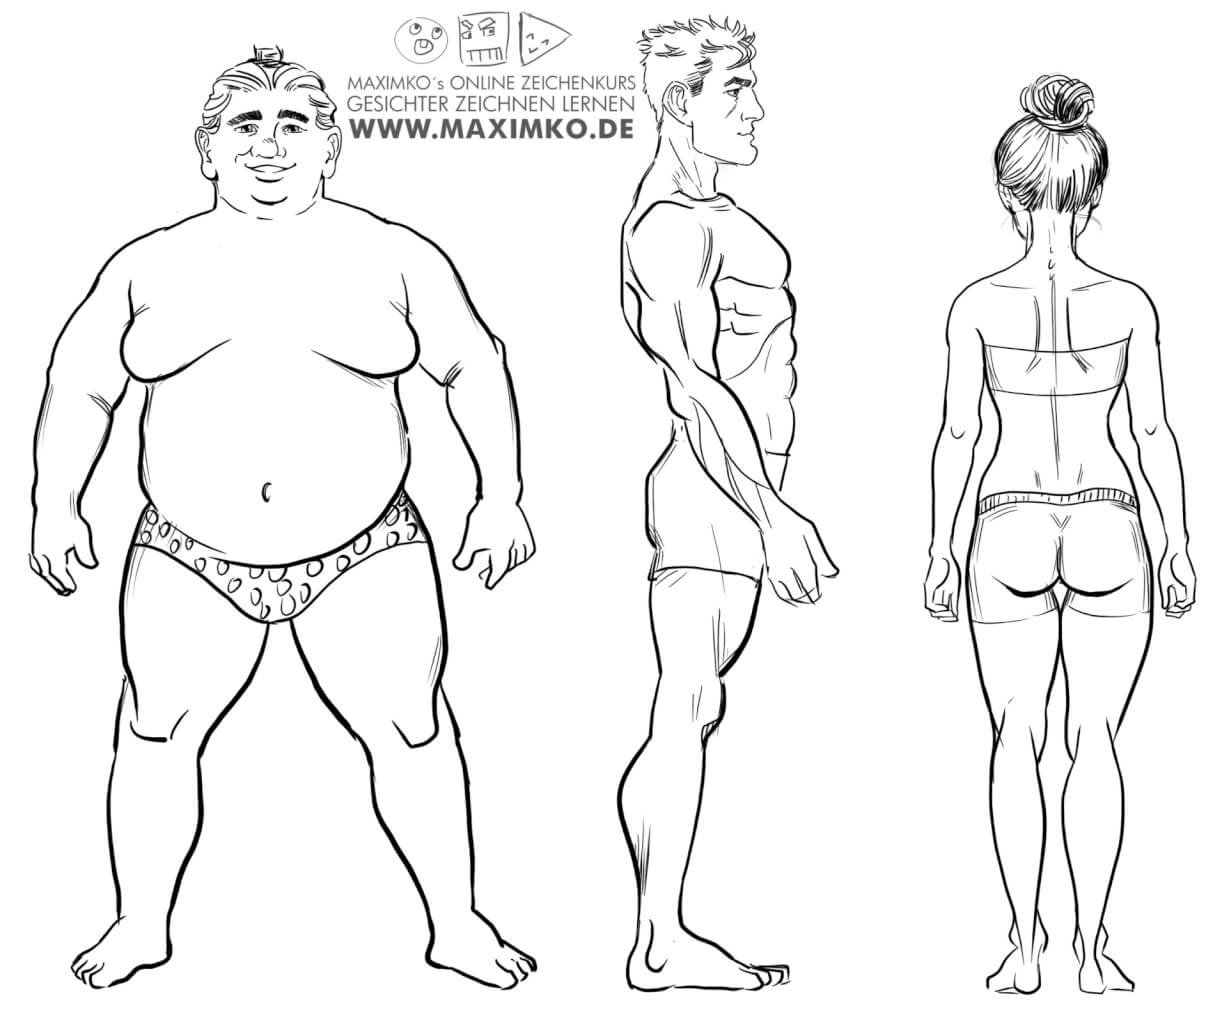 körper zeichnen lernen mann frau anatomie  manga comic concept art charakterdesign ganzkörper stehend maximko